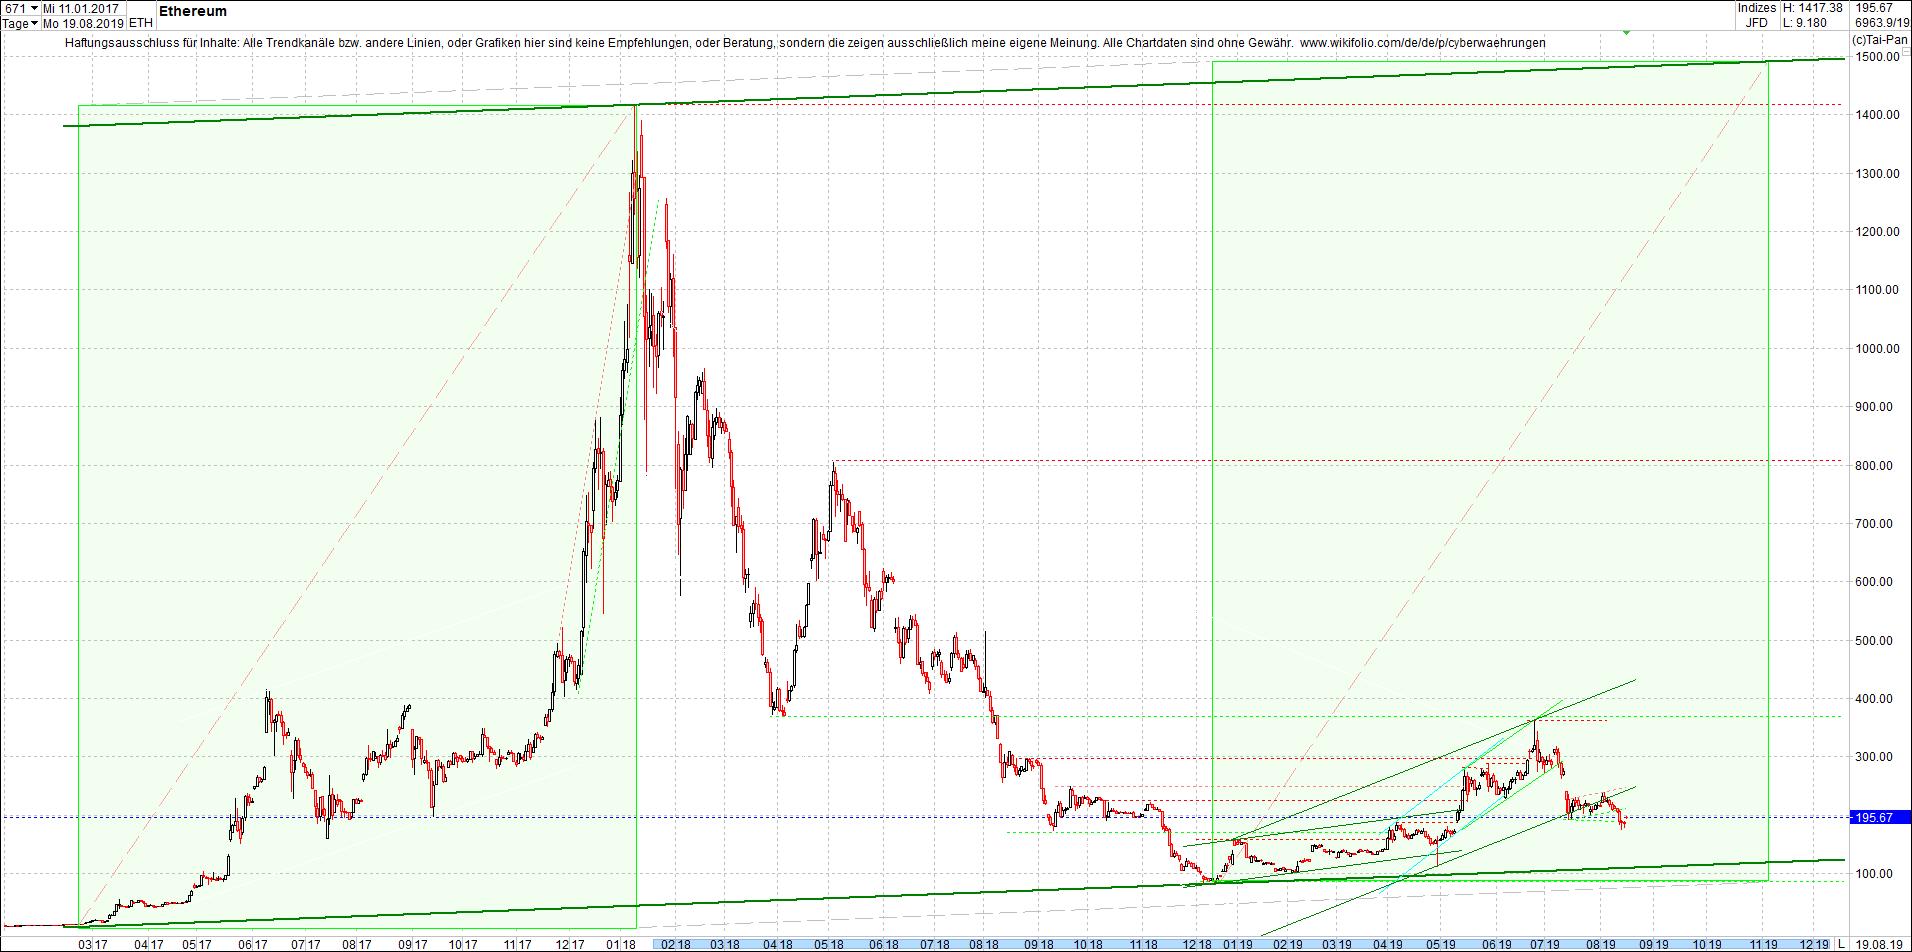 ethereum_chart_heute_morgen.png